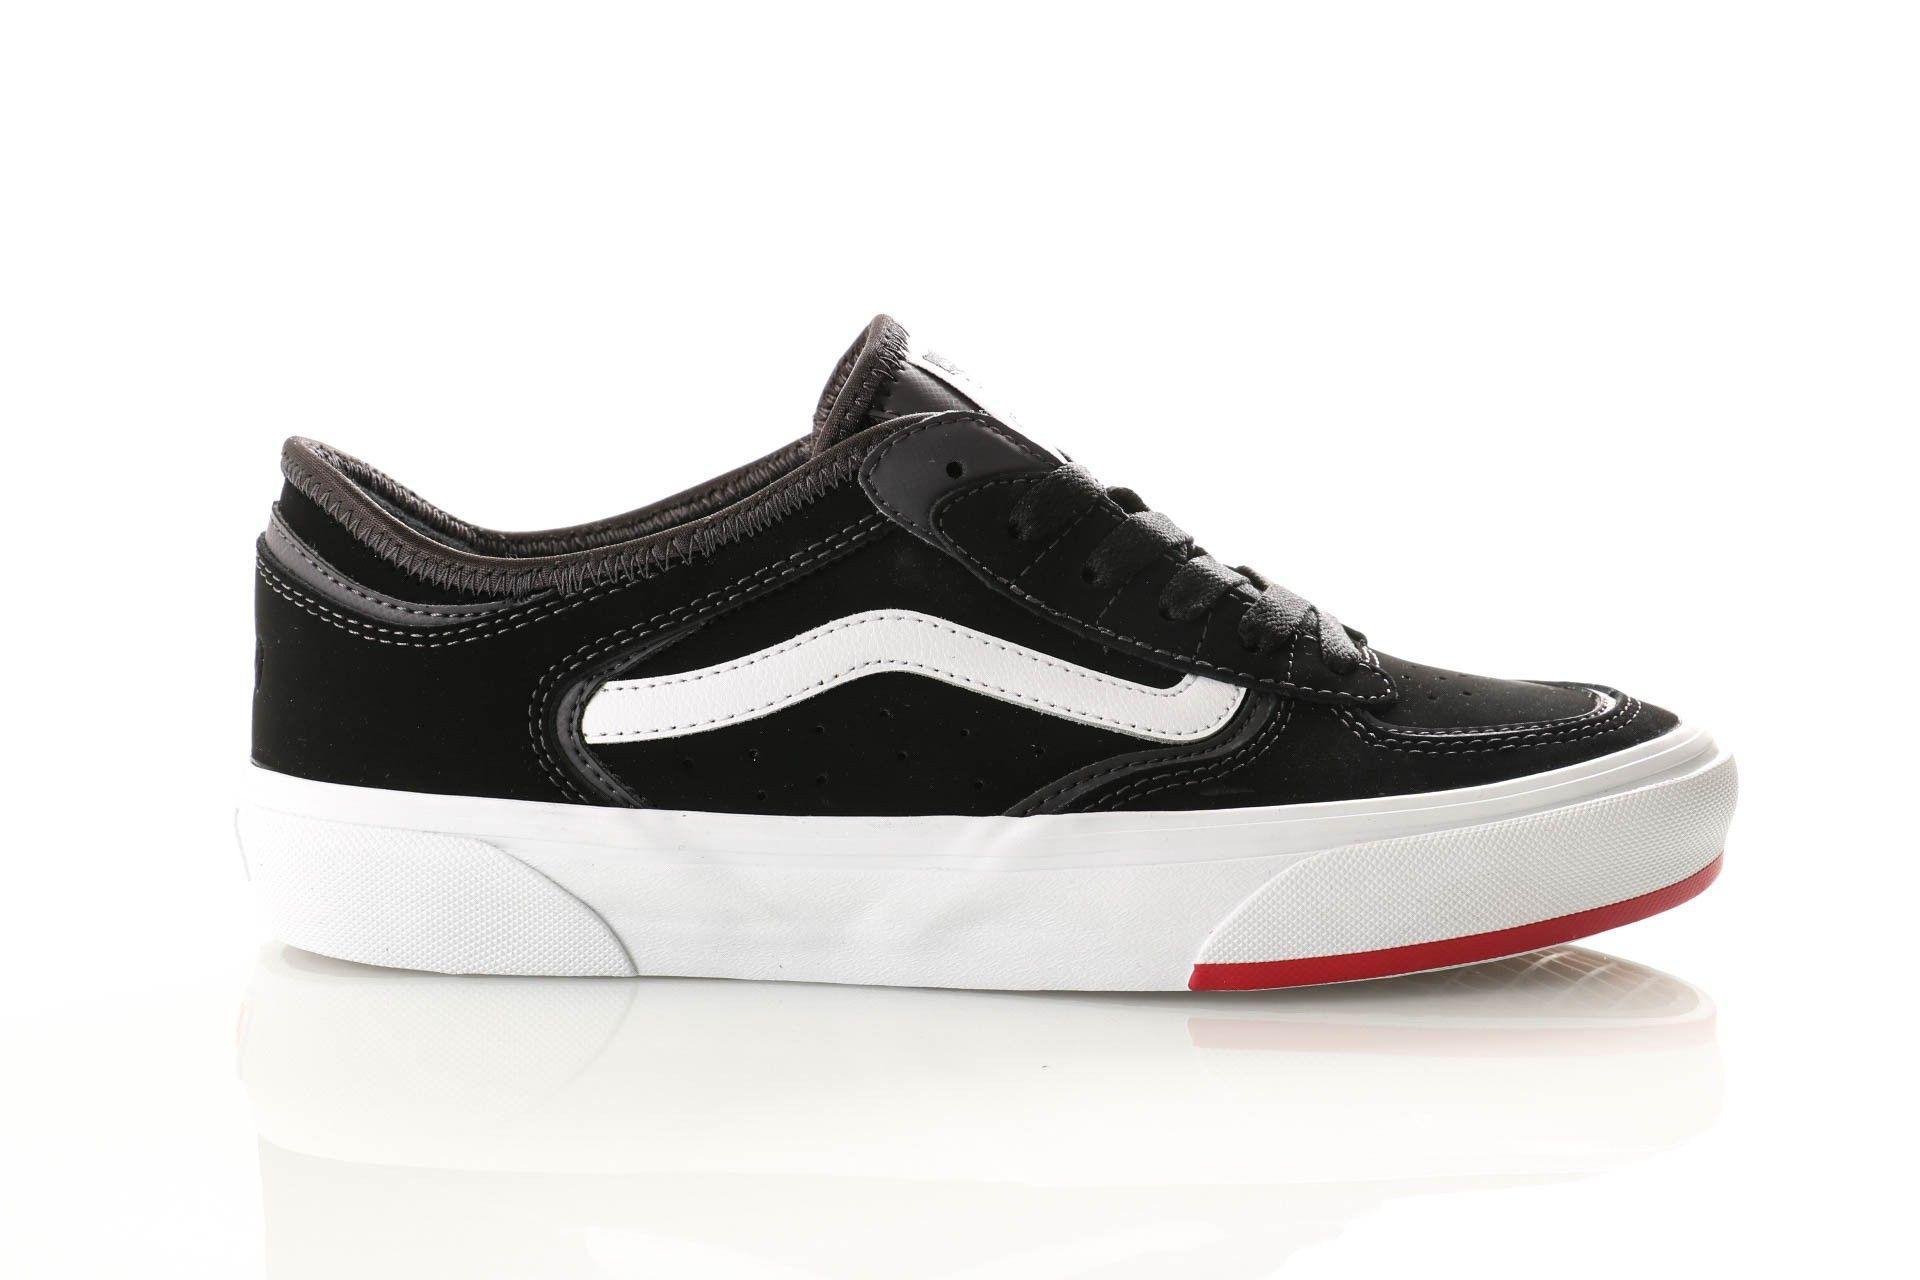 Afbeelding van Vans Ua Rowley Classic Vn0A4Bttsk51 Sneakers (66/99/19) Black/Red